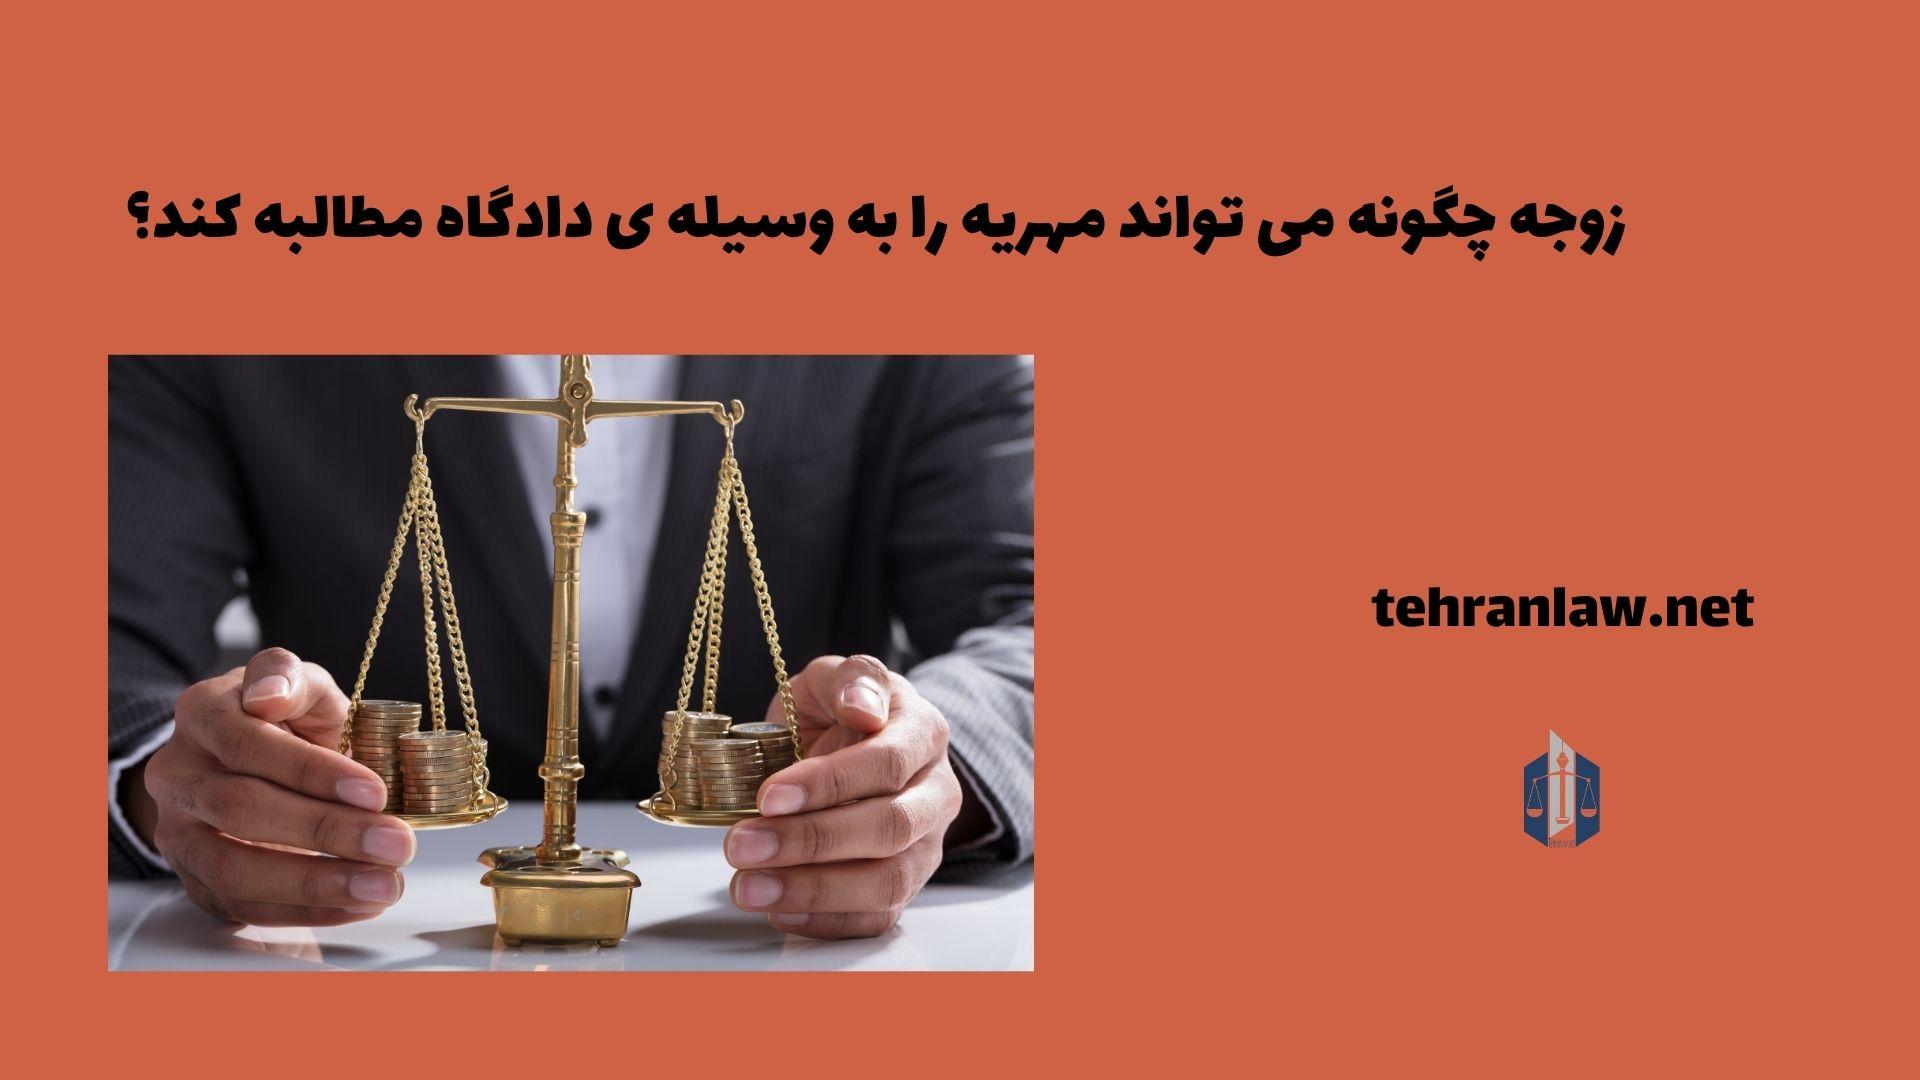 زوجه چگونه می تواند مهریه را به وسیله ی دادگاه مطالبه کند؟